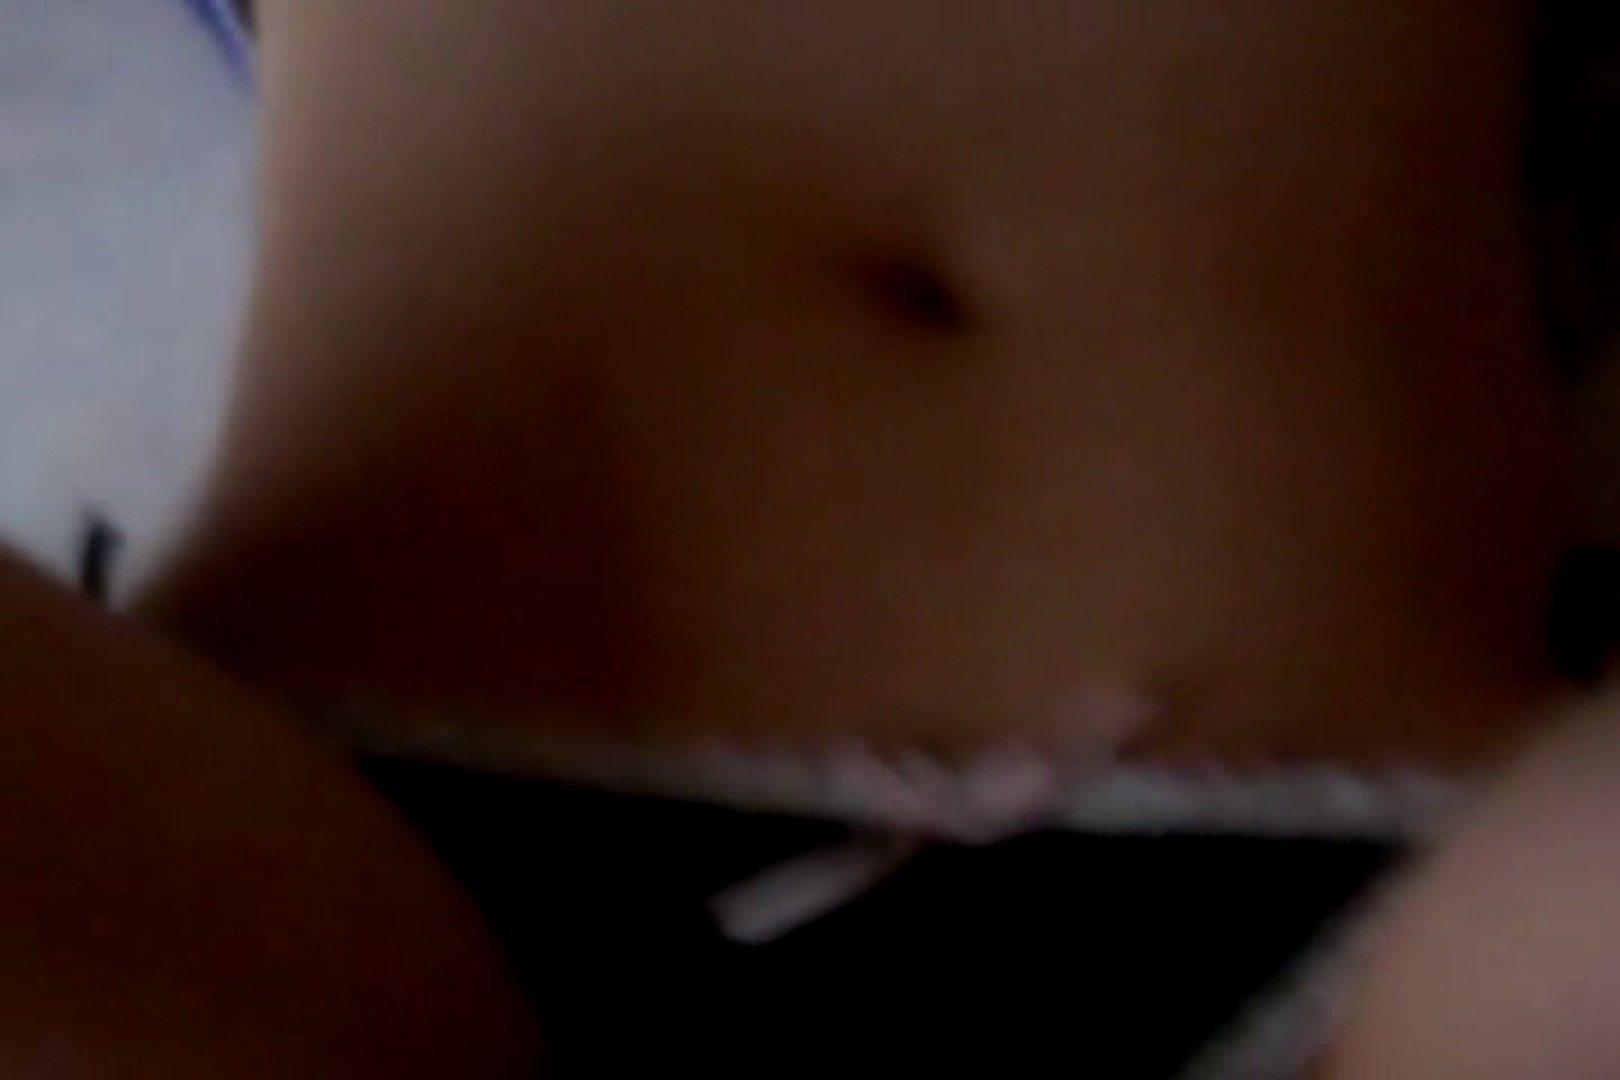 ウイルス流出 レオ&マンコのアルバム 浴衣の下のボディ 濡れ場動画紹介 85PIX 74